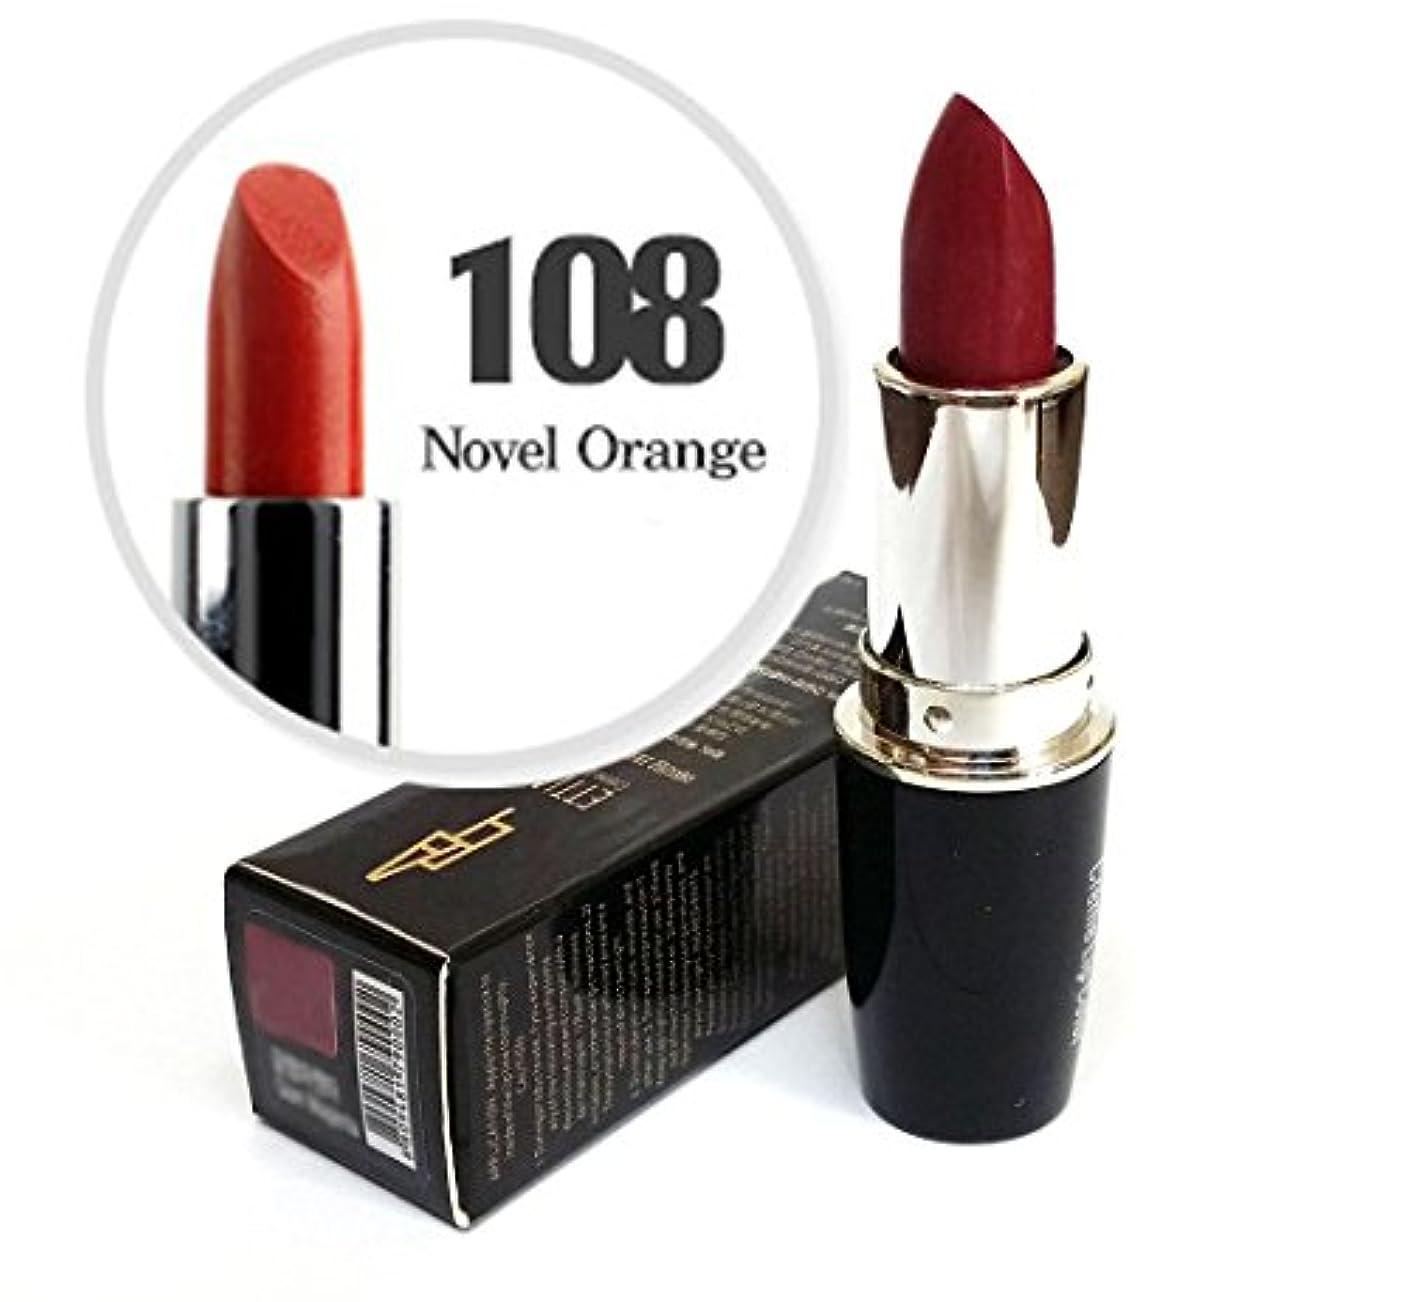 [Ettian] クリームリップカラー3.5g / Cream Lip Color 3.5g / 新しい口紅 #108小説オレンジ/ New Lipstick #108 Novel Orange / ドライ感じることはありません...